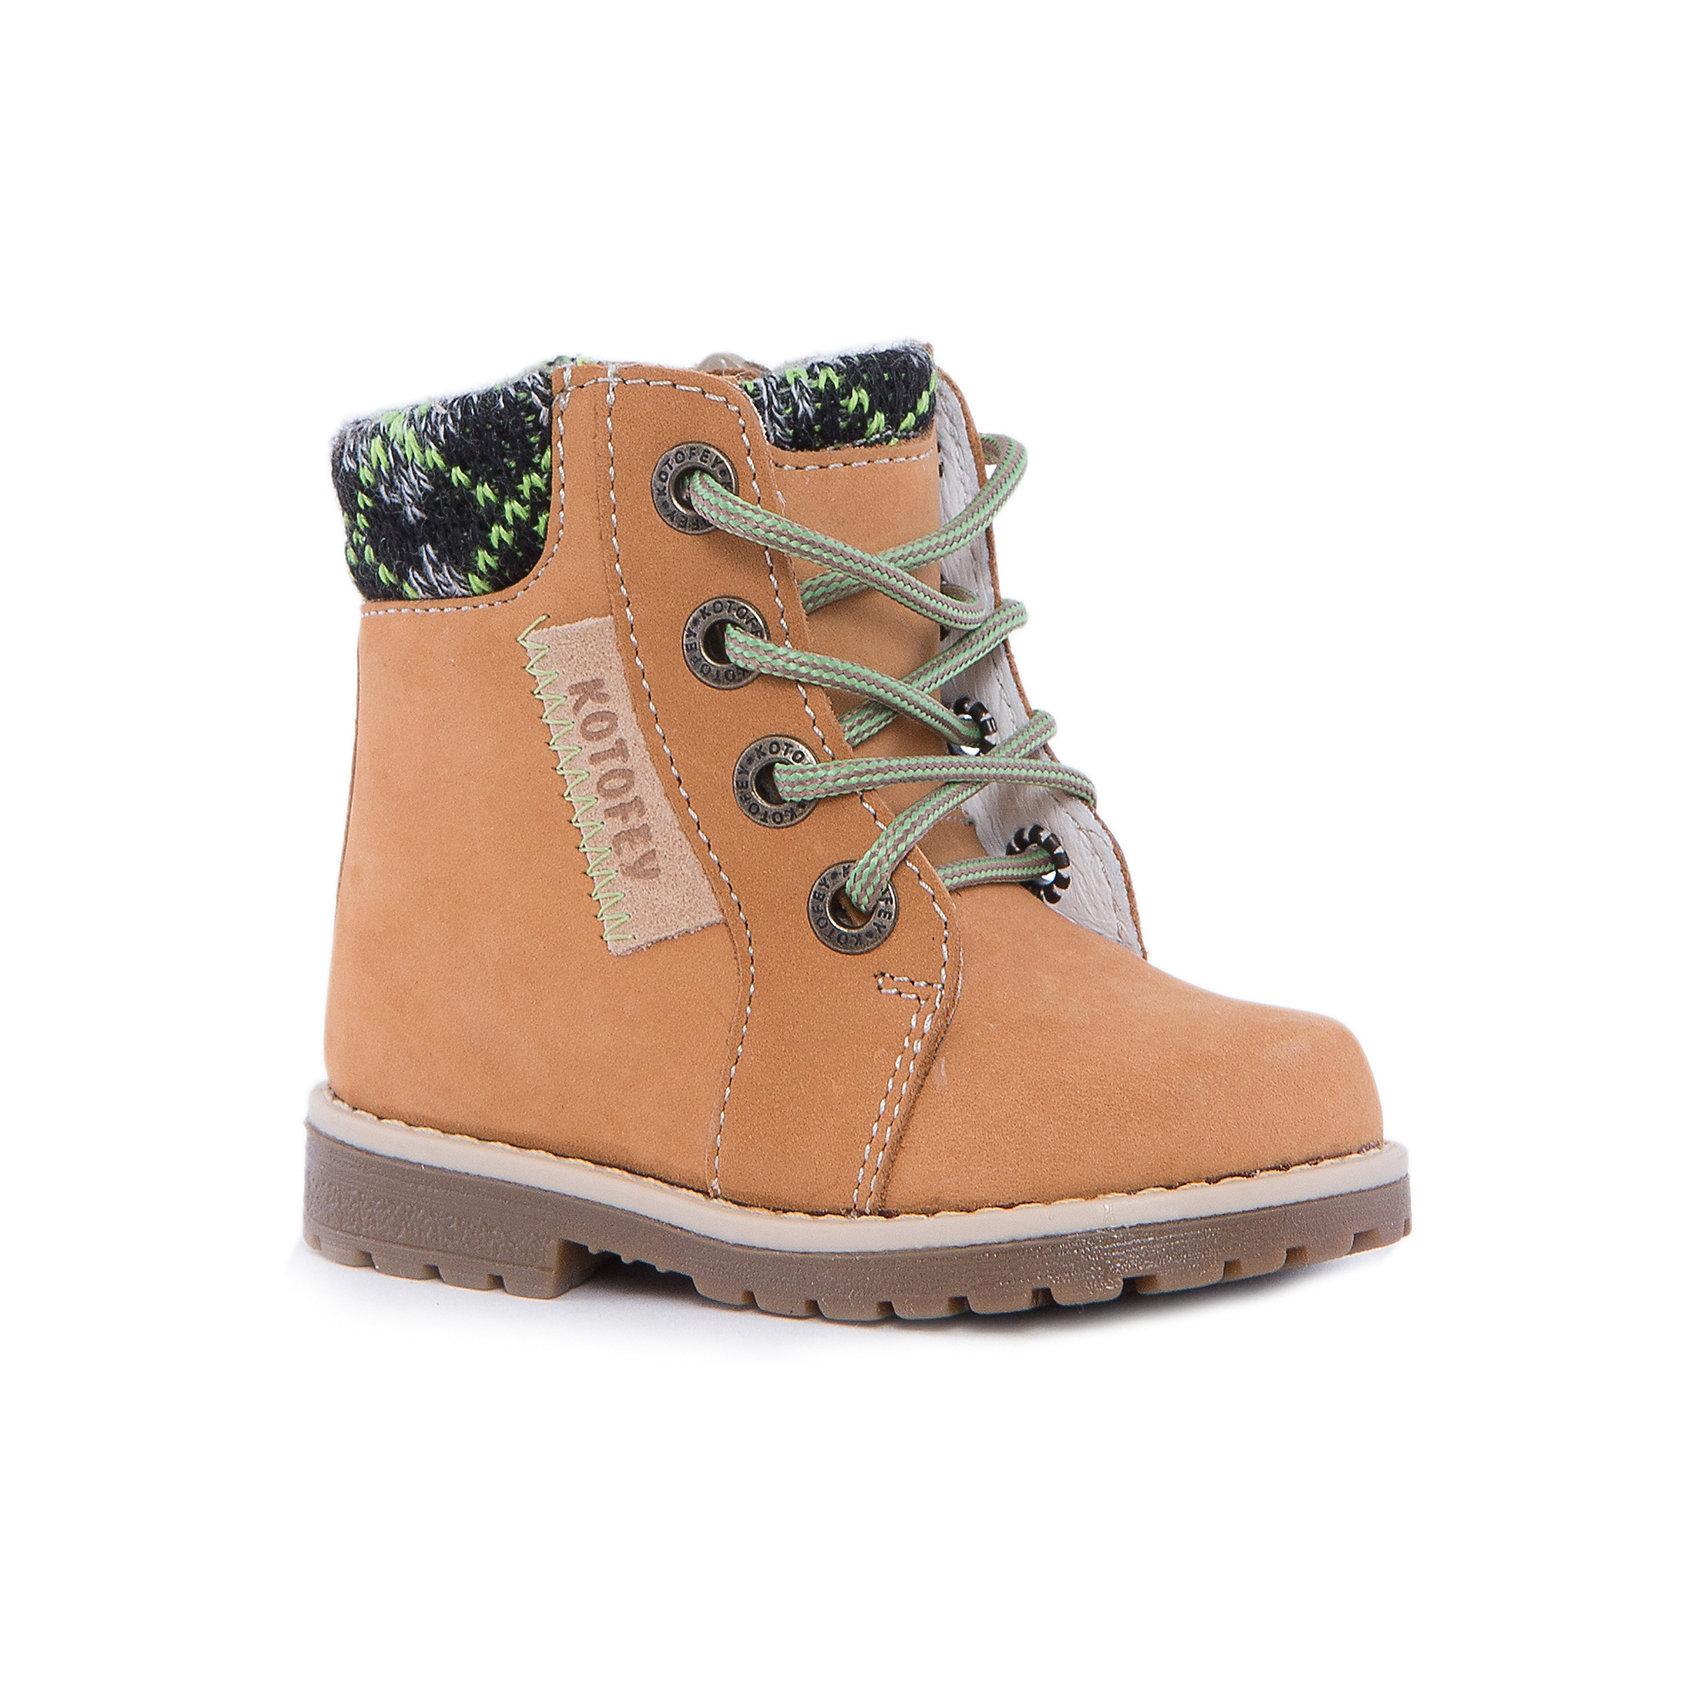 Ботинки для мальчика КотофейБотинки<br>Котофей – качественная и стильная детская обувь по доступным ценам. С каждым днем популярность бренда растет.  С наступлением осенних холодов очень важно выбрать удобную и теплую обувь, которая защитит ножки малыша от промокания, а здоровье от простуды. Стильные желтые ботинки – копия взрослых моделей, созданная специально для малышей, которые хотят выглядеть, как их папы. Модель отвечает всем модным требованиям.<br><br>Дополнительная информация:<br><br>цвет: жёлтый;<br>вид крепления: на клею;<br>застежка: шнуровка;<br>температурный режим: от 0°С до +15° С.<br><br>Состав:<br>материал верха – кожа;<br>подклад – байковый материал;<br>подошва – ТЭП.<br><br>Осенние ботиночки из натурального материала для мальчика  ясельного возраста от фирмы Котофей можно приобрести у нас в магазине.<br><br>Ширина мм: 262<br>Глубина мм: 176<br>Высота мм: 97<br>Вес г: 427<br>Цвет: желтый<br>Возраст от месяцев: 9<br>Возраст до месяцев: 12<br>Пол: Мужской<br>Возраст: Детский<br>Размер: 20,21,22<br>SKU: 4982279